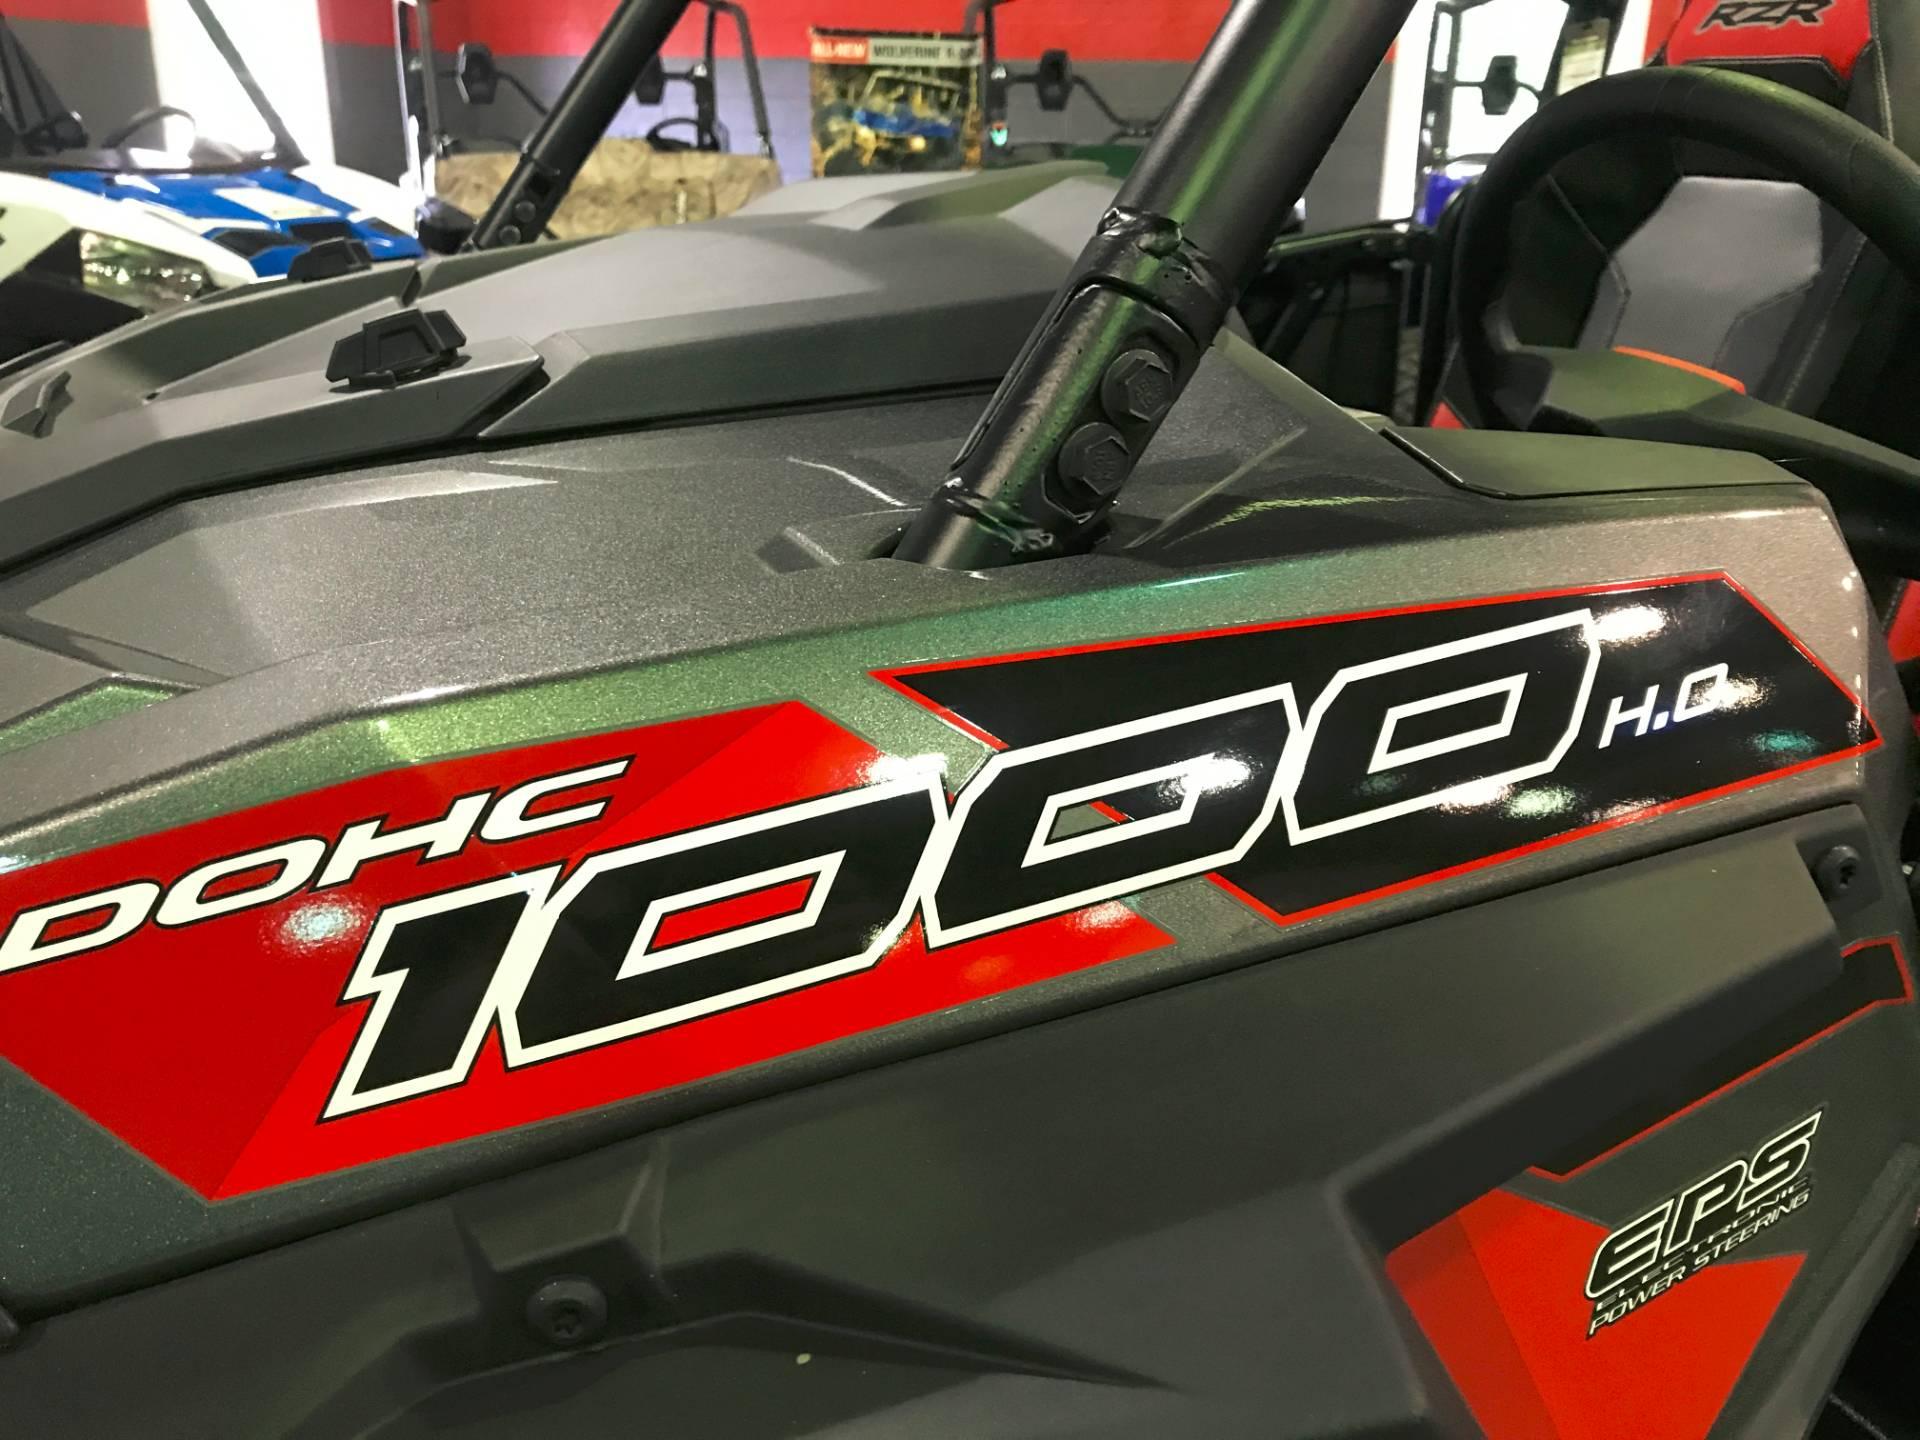 2017 Polaris RZR XP 1000 EPS 10